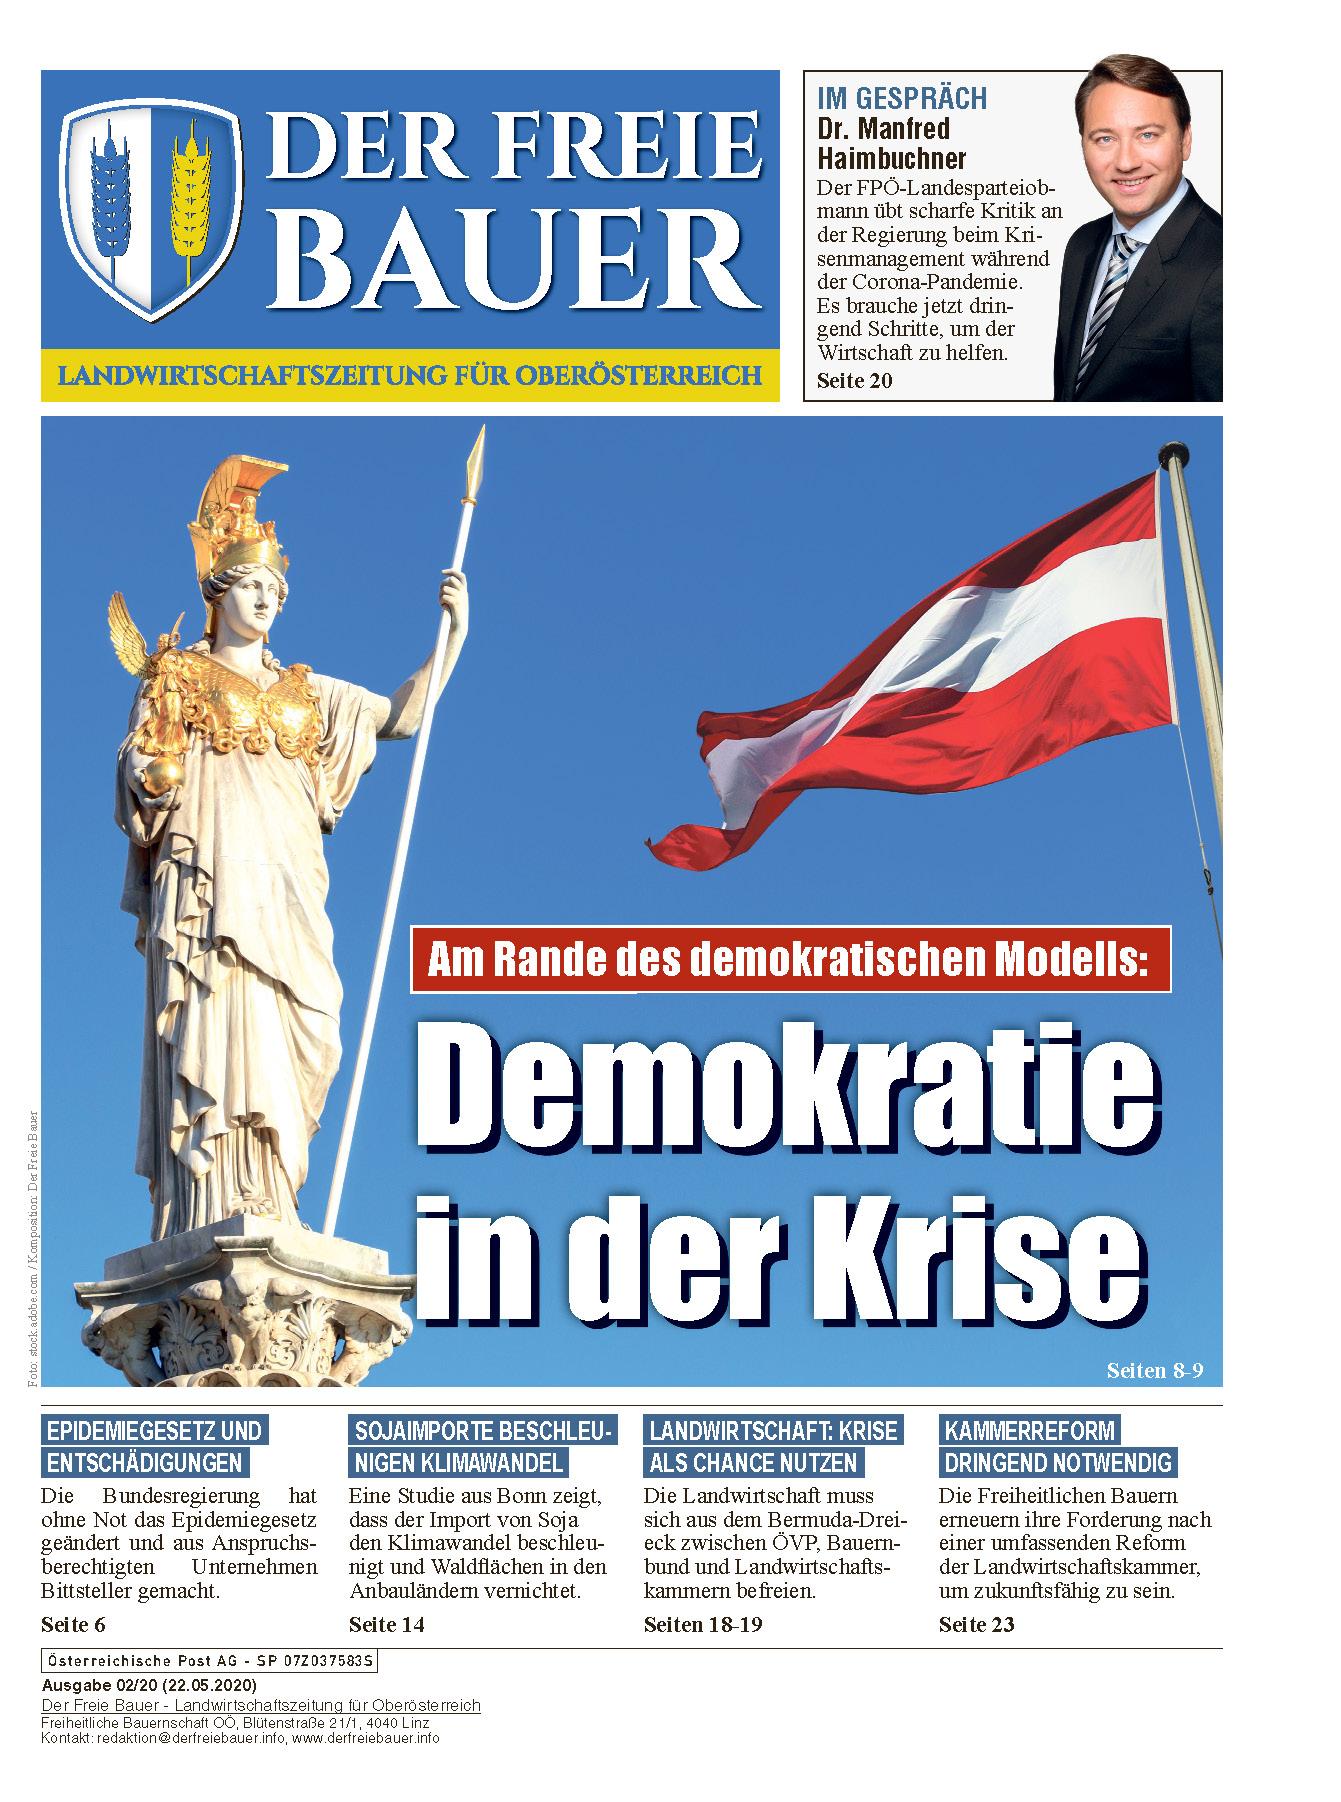 Der Freie Bauer 02/2020